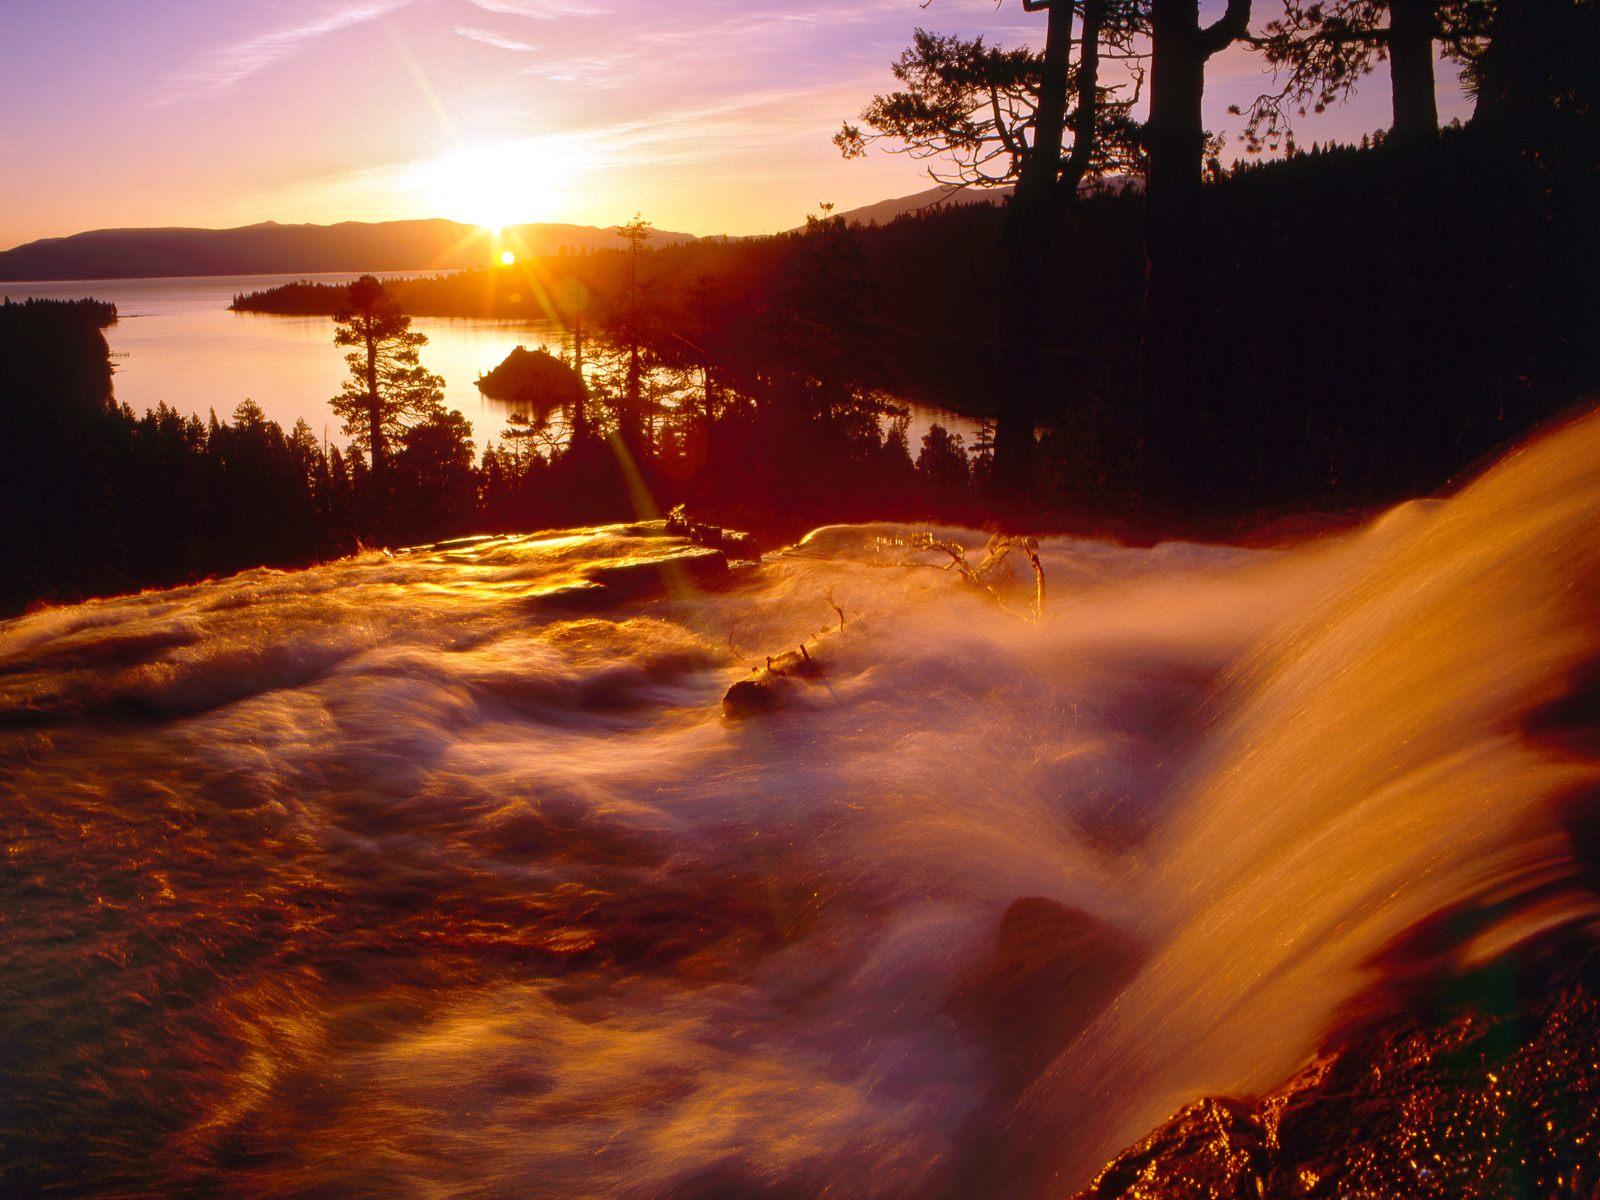 Eagle Creek and Emerald Bay at Sunrise, Lake Tahoe, California